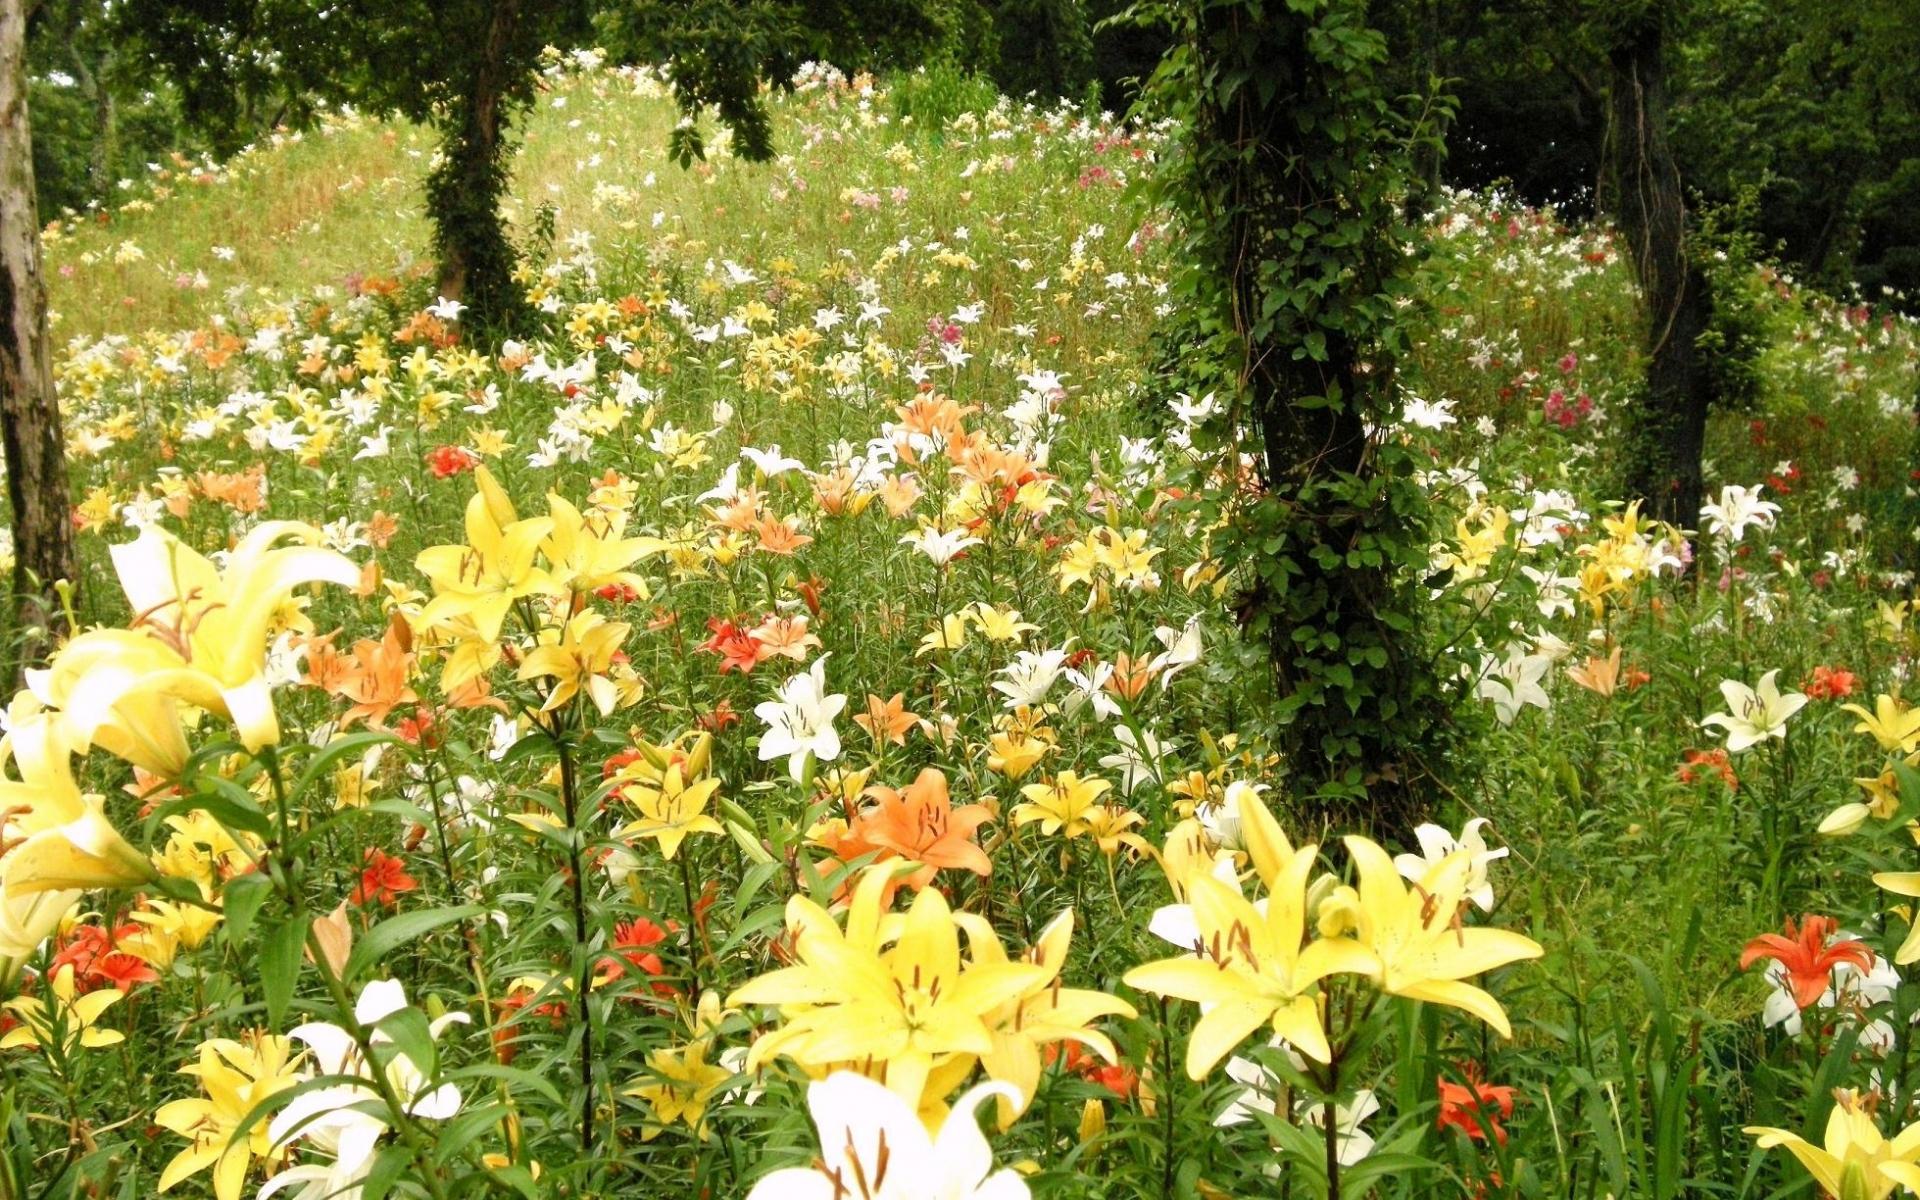 те, лилия полевая сад фото отчаянную смелость, свой